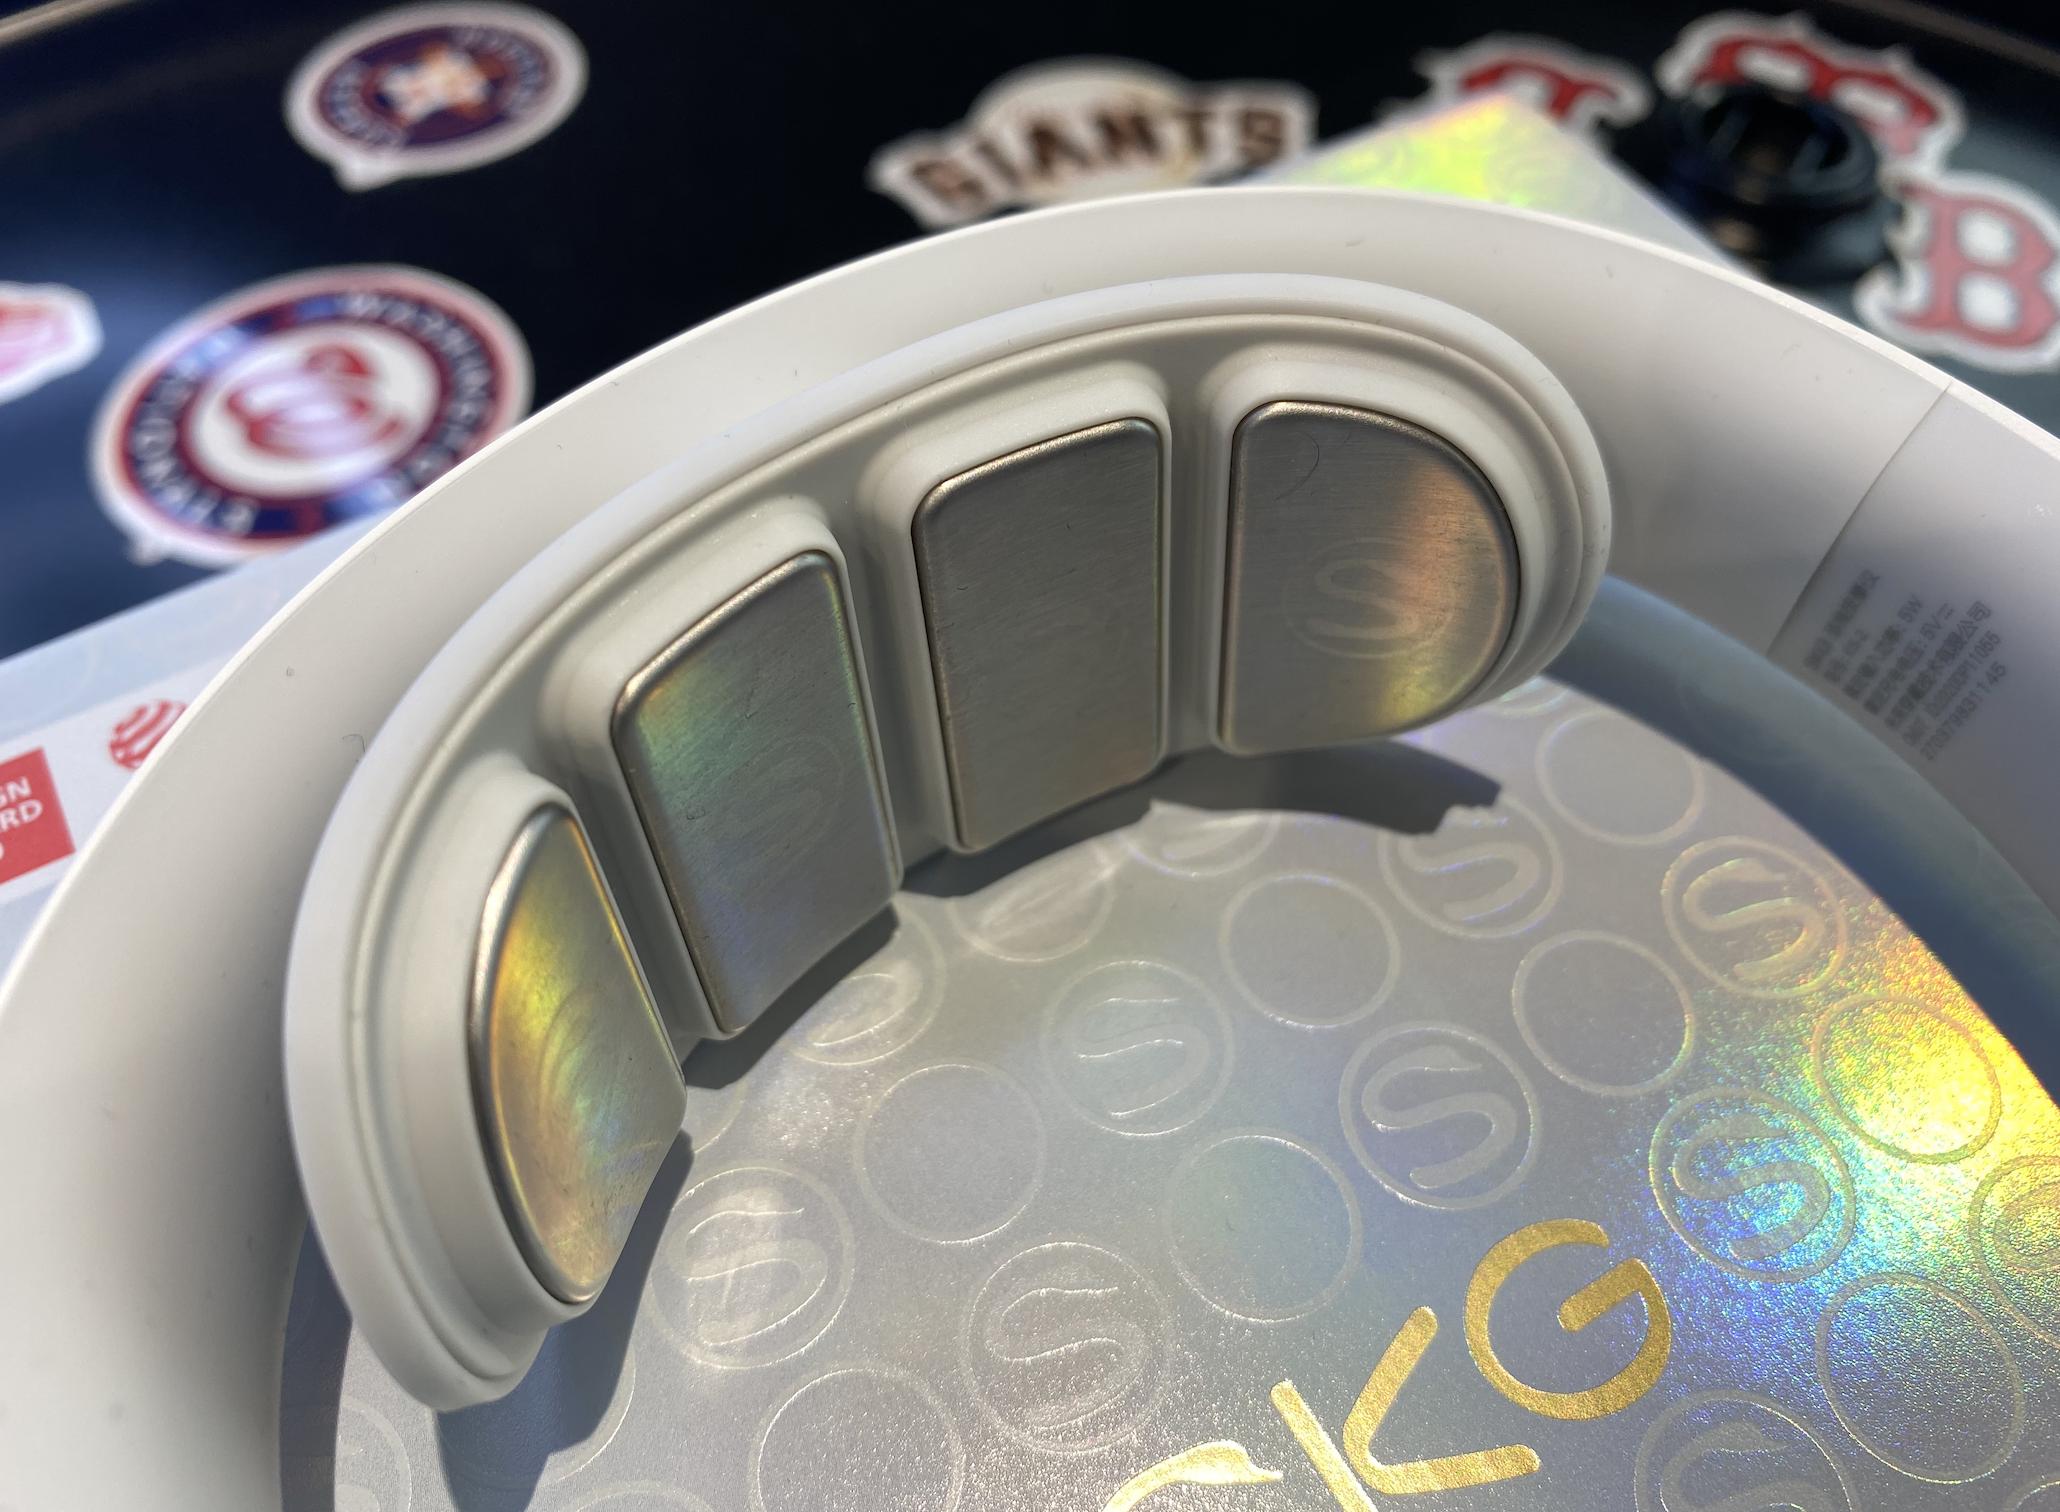 SKG全新K5颈椎按摩仪评测:深度缓解颈椎压力,办公人士必备